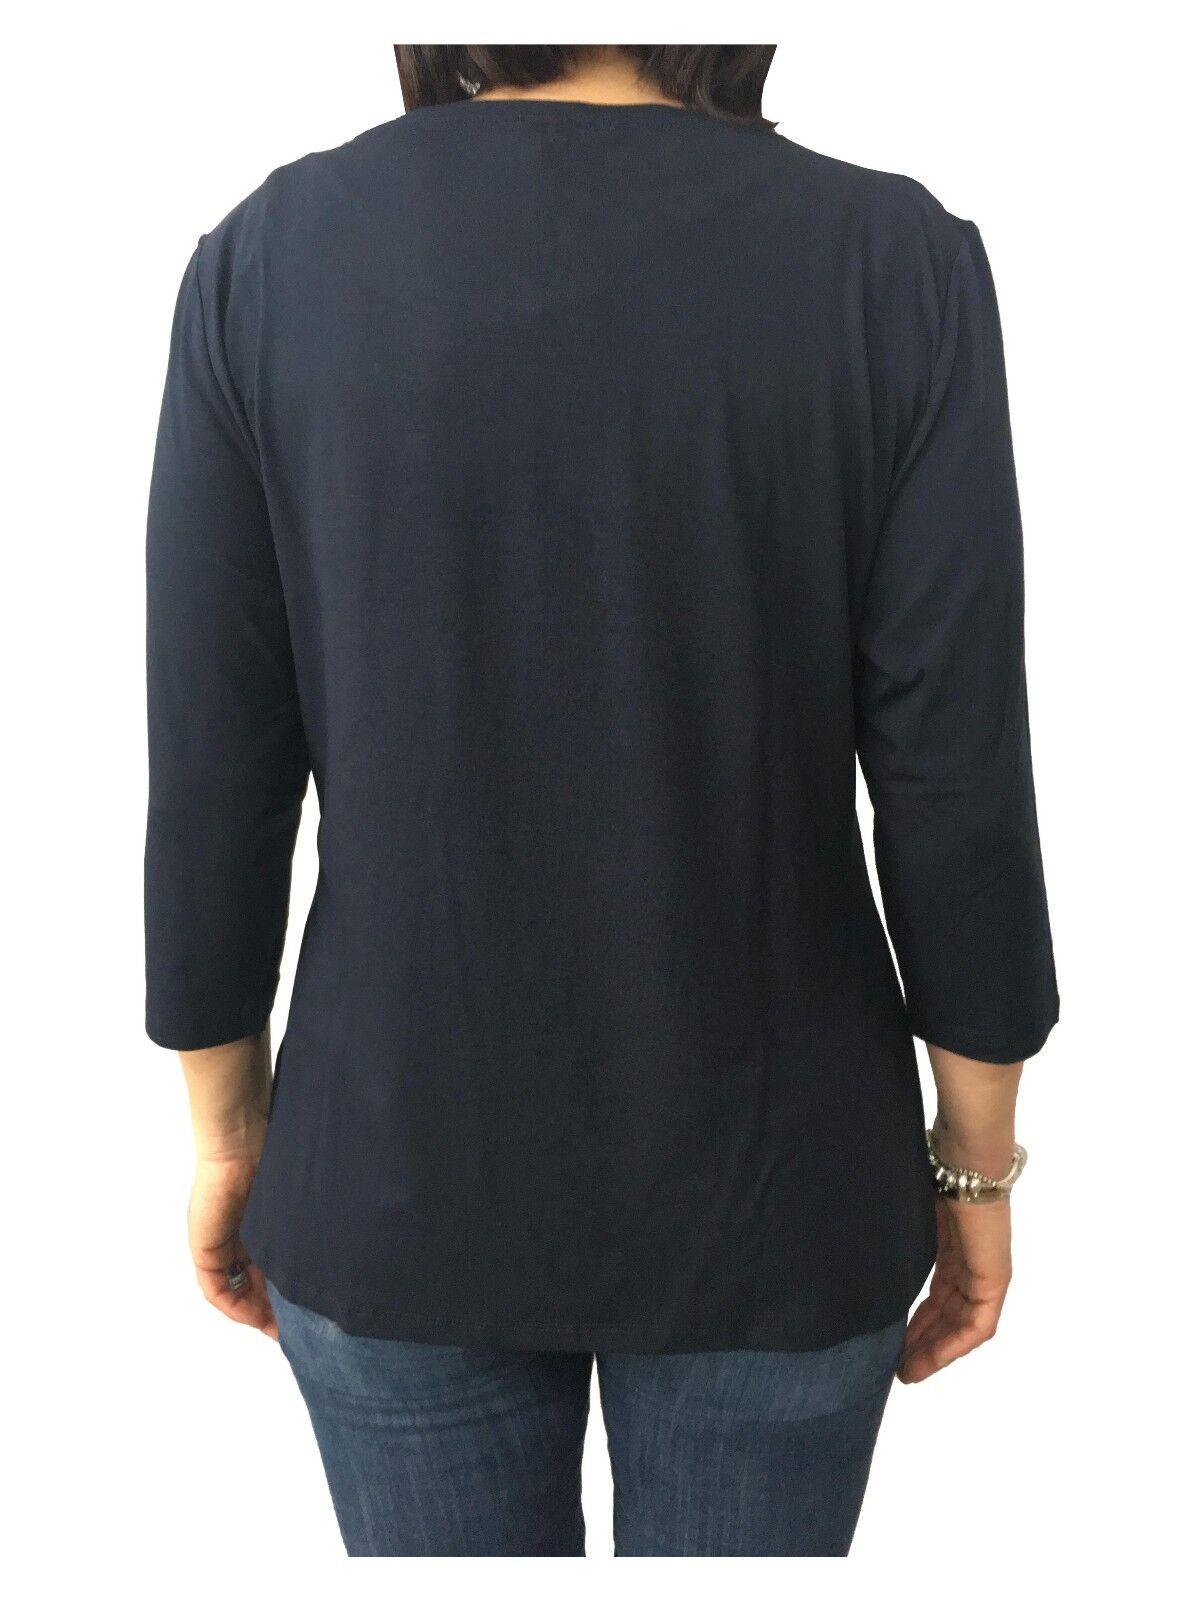 ELENA MIRÒ t-shirt donna blu blu blu manica 3 4 97% viscosa 3% elastan 8a72c7